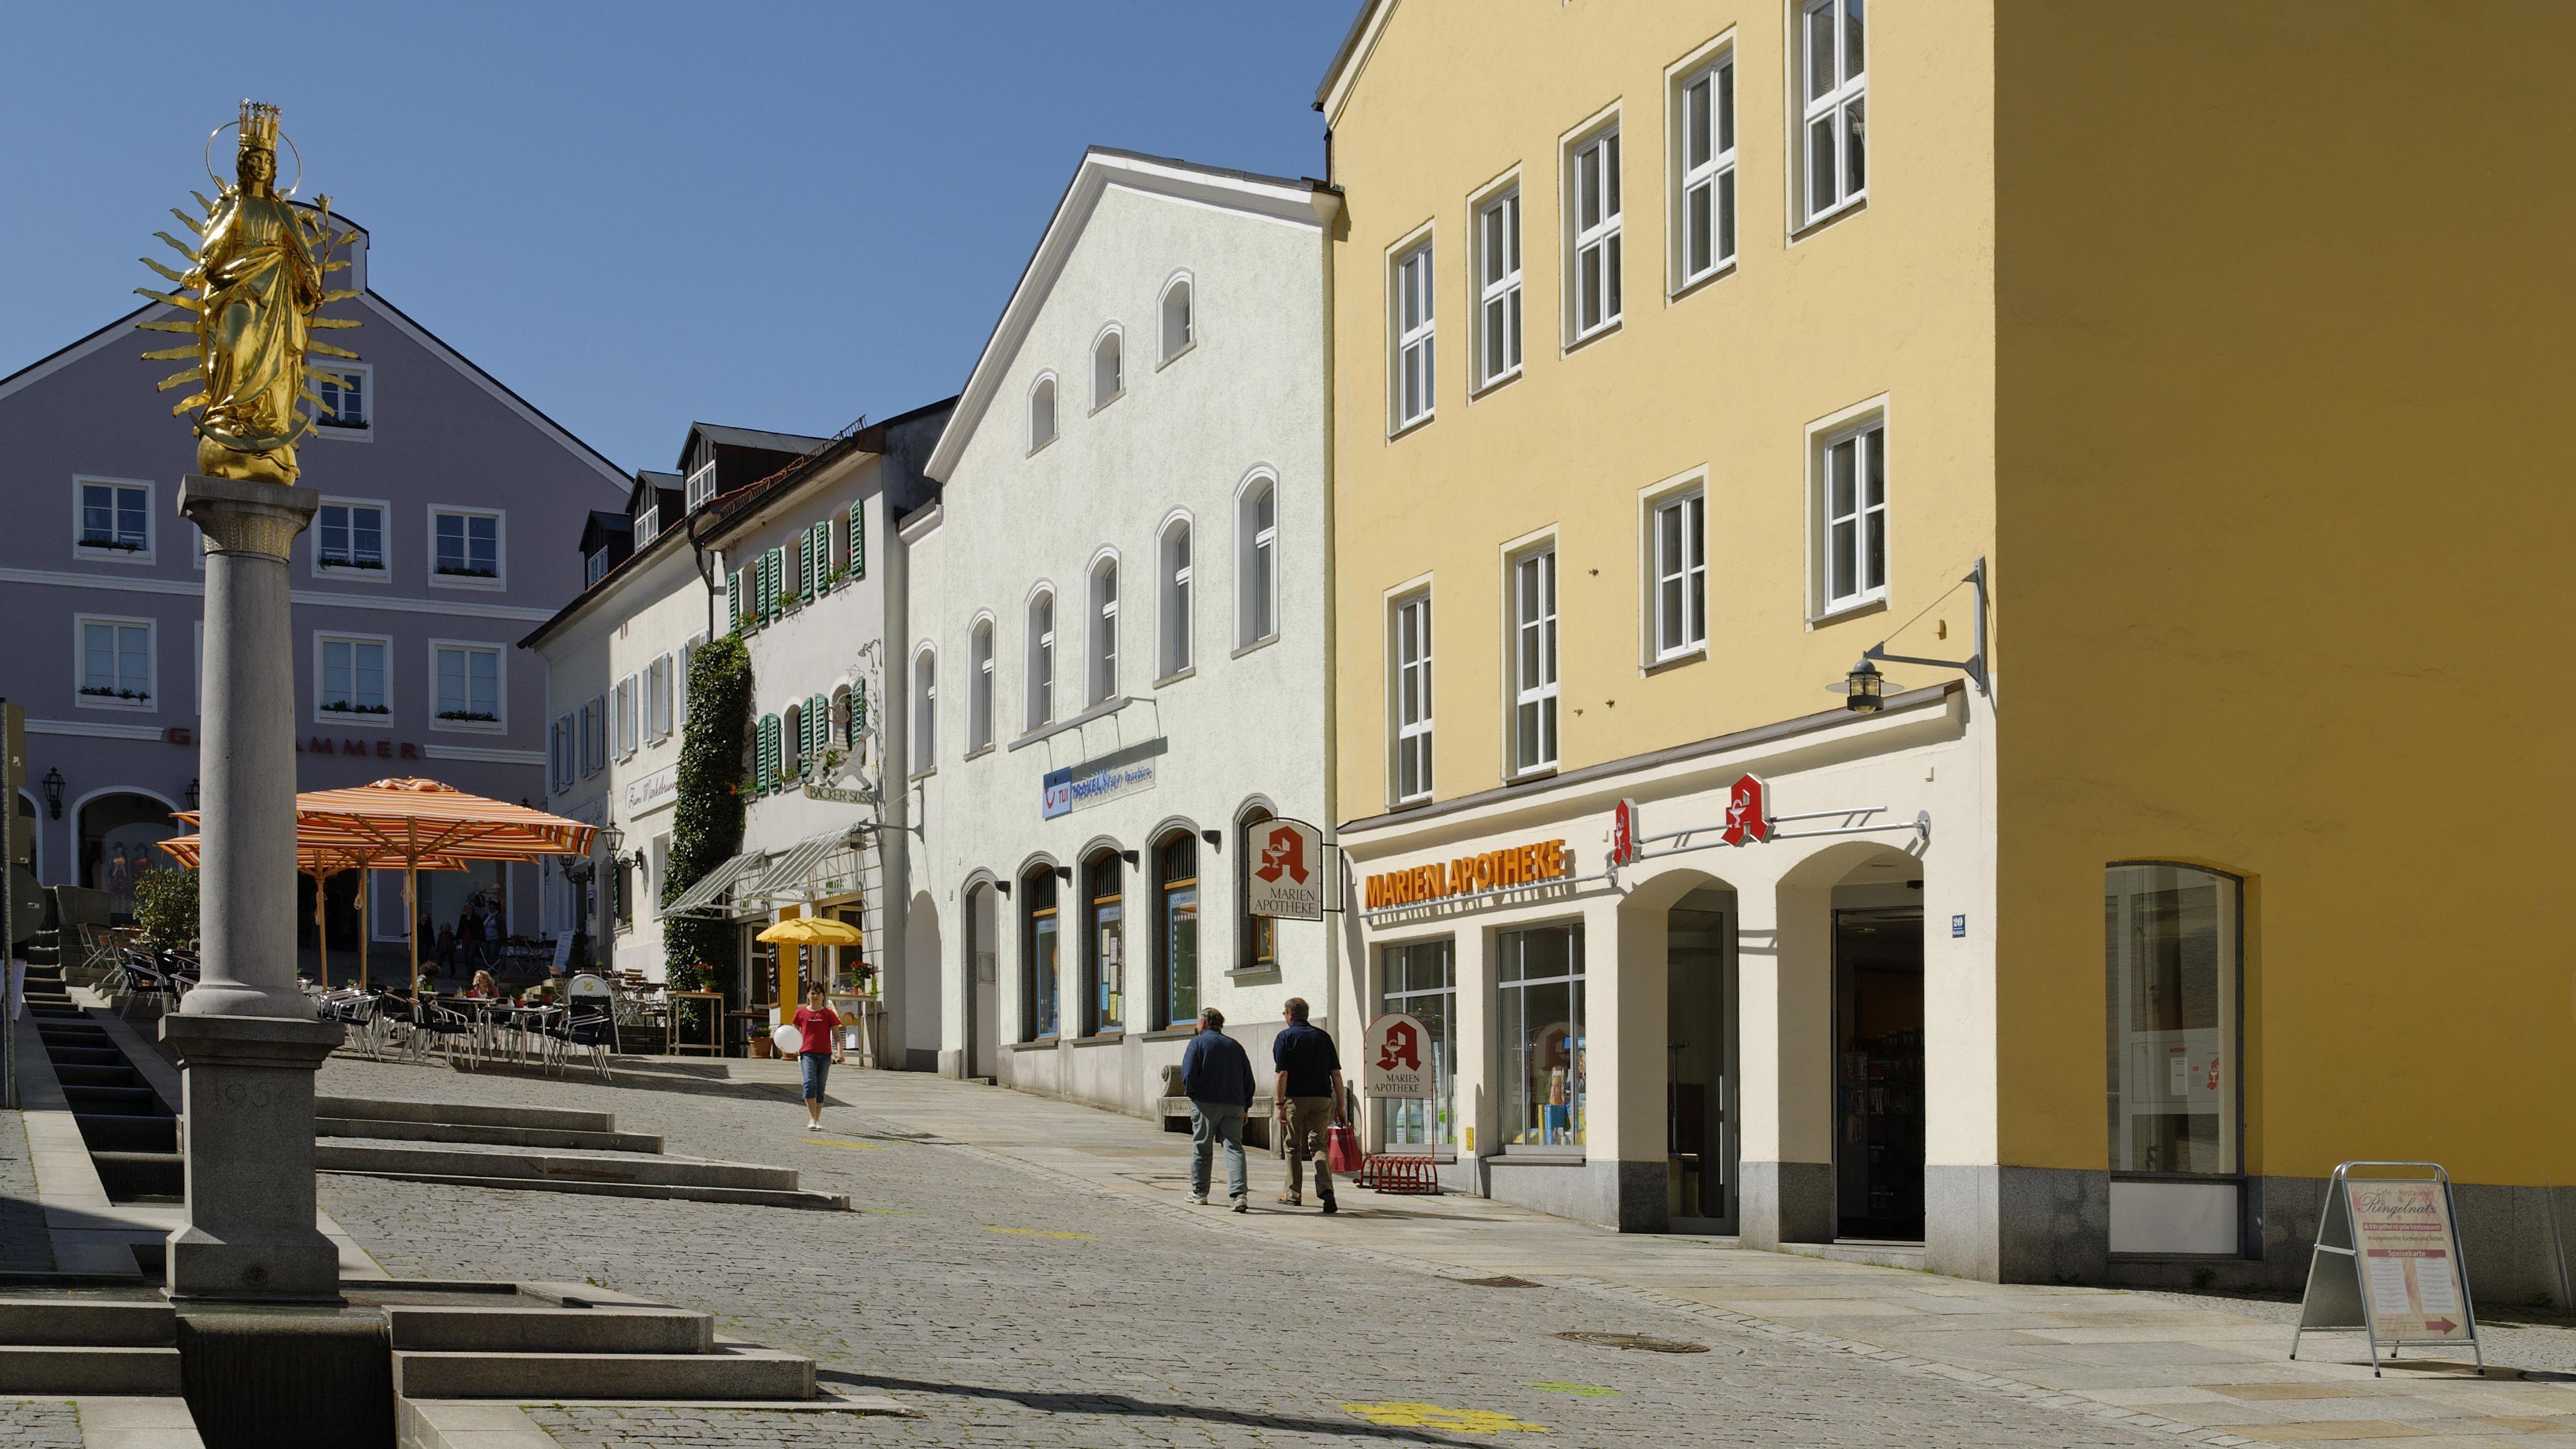 Marktplatz Waldkirchen